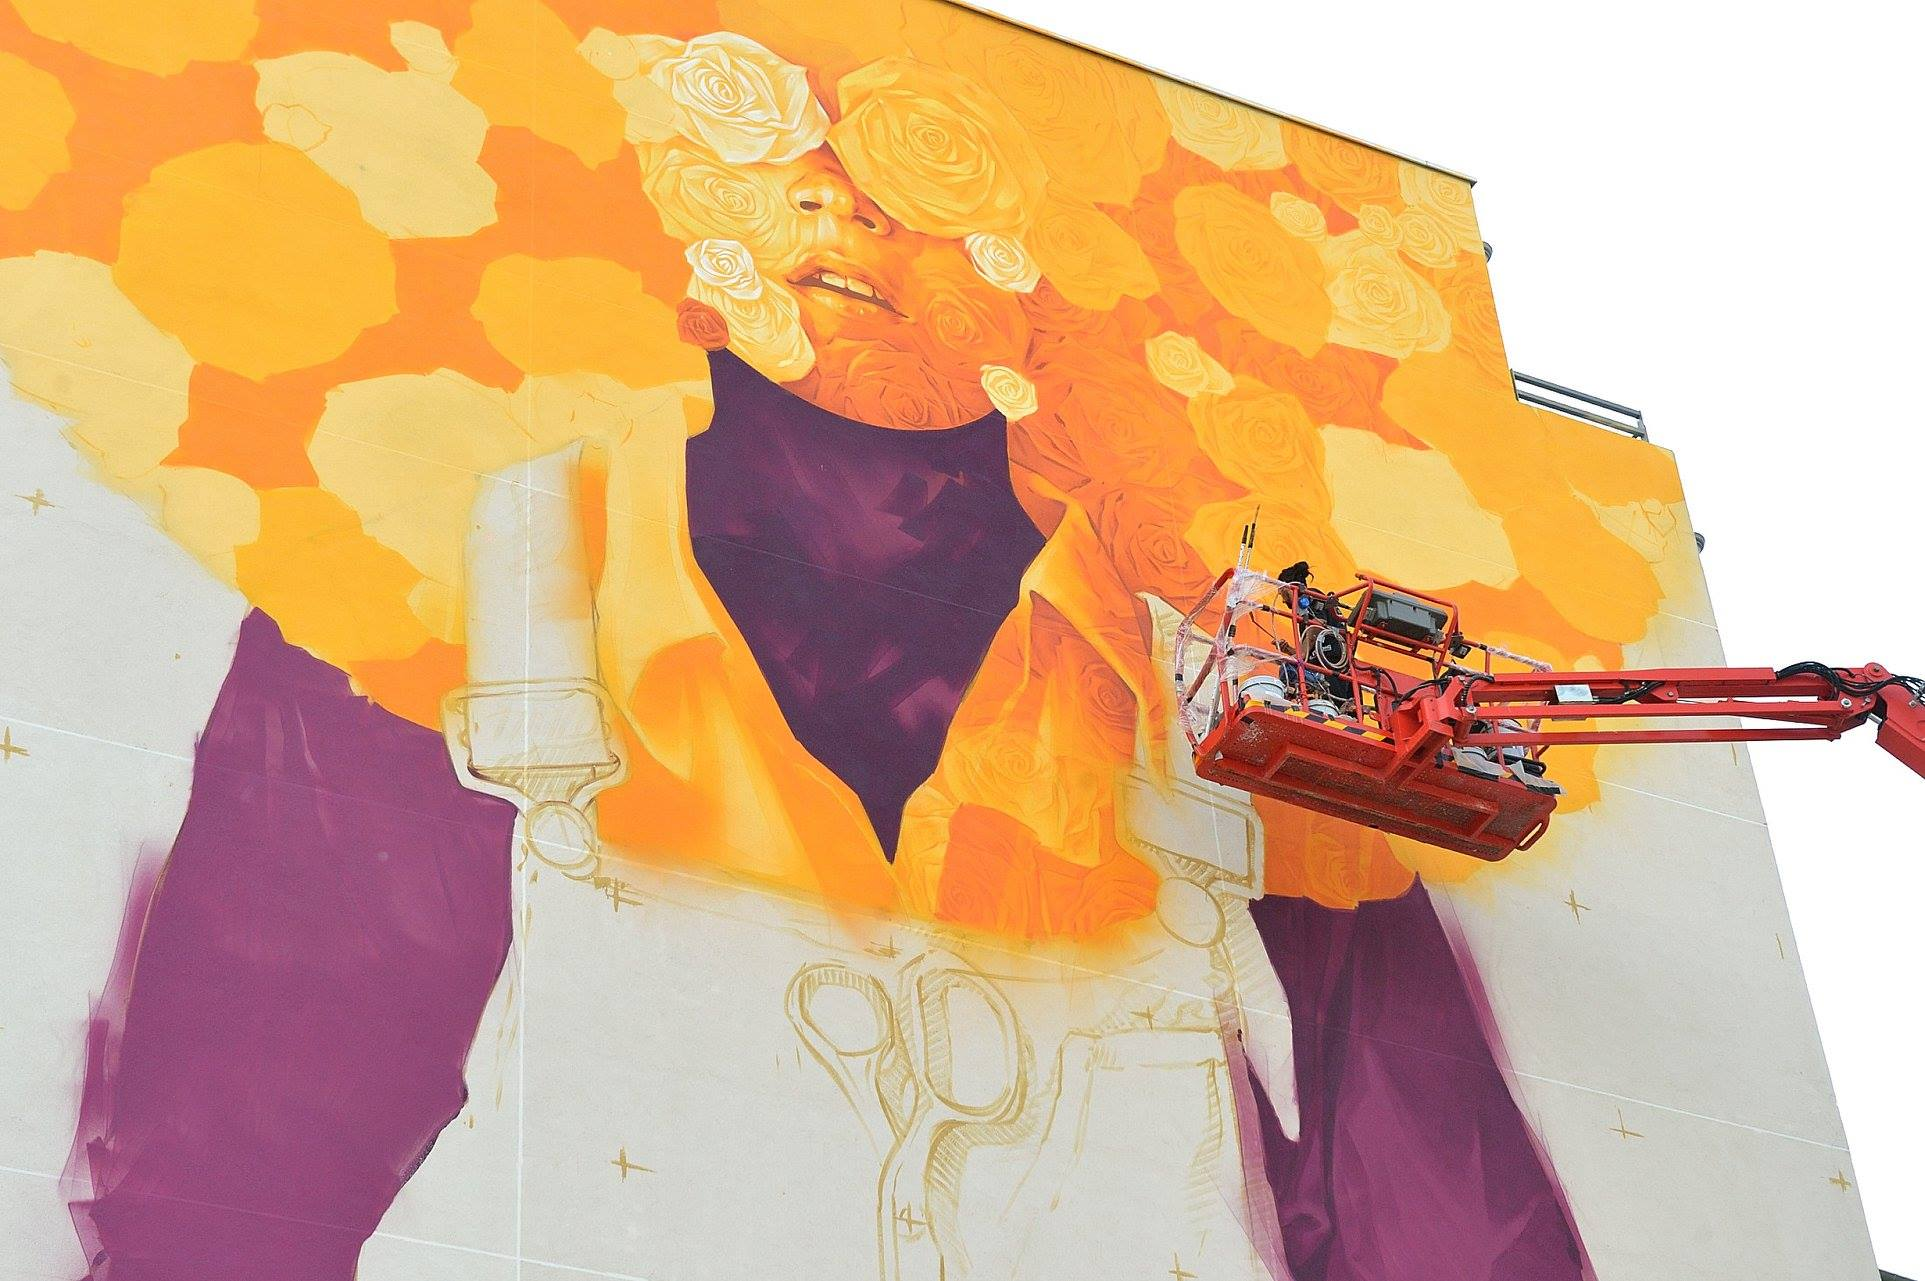 Peinture fraiche festival, Inti from Chile